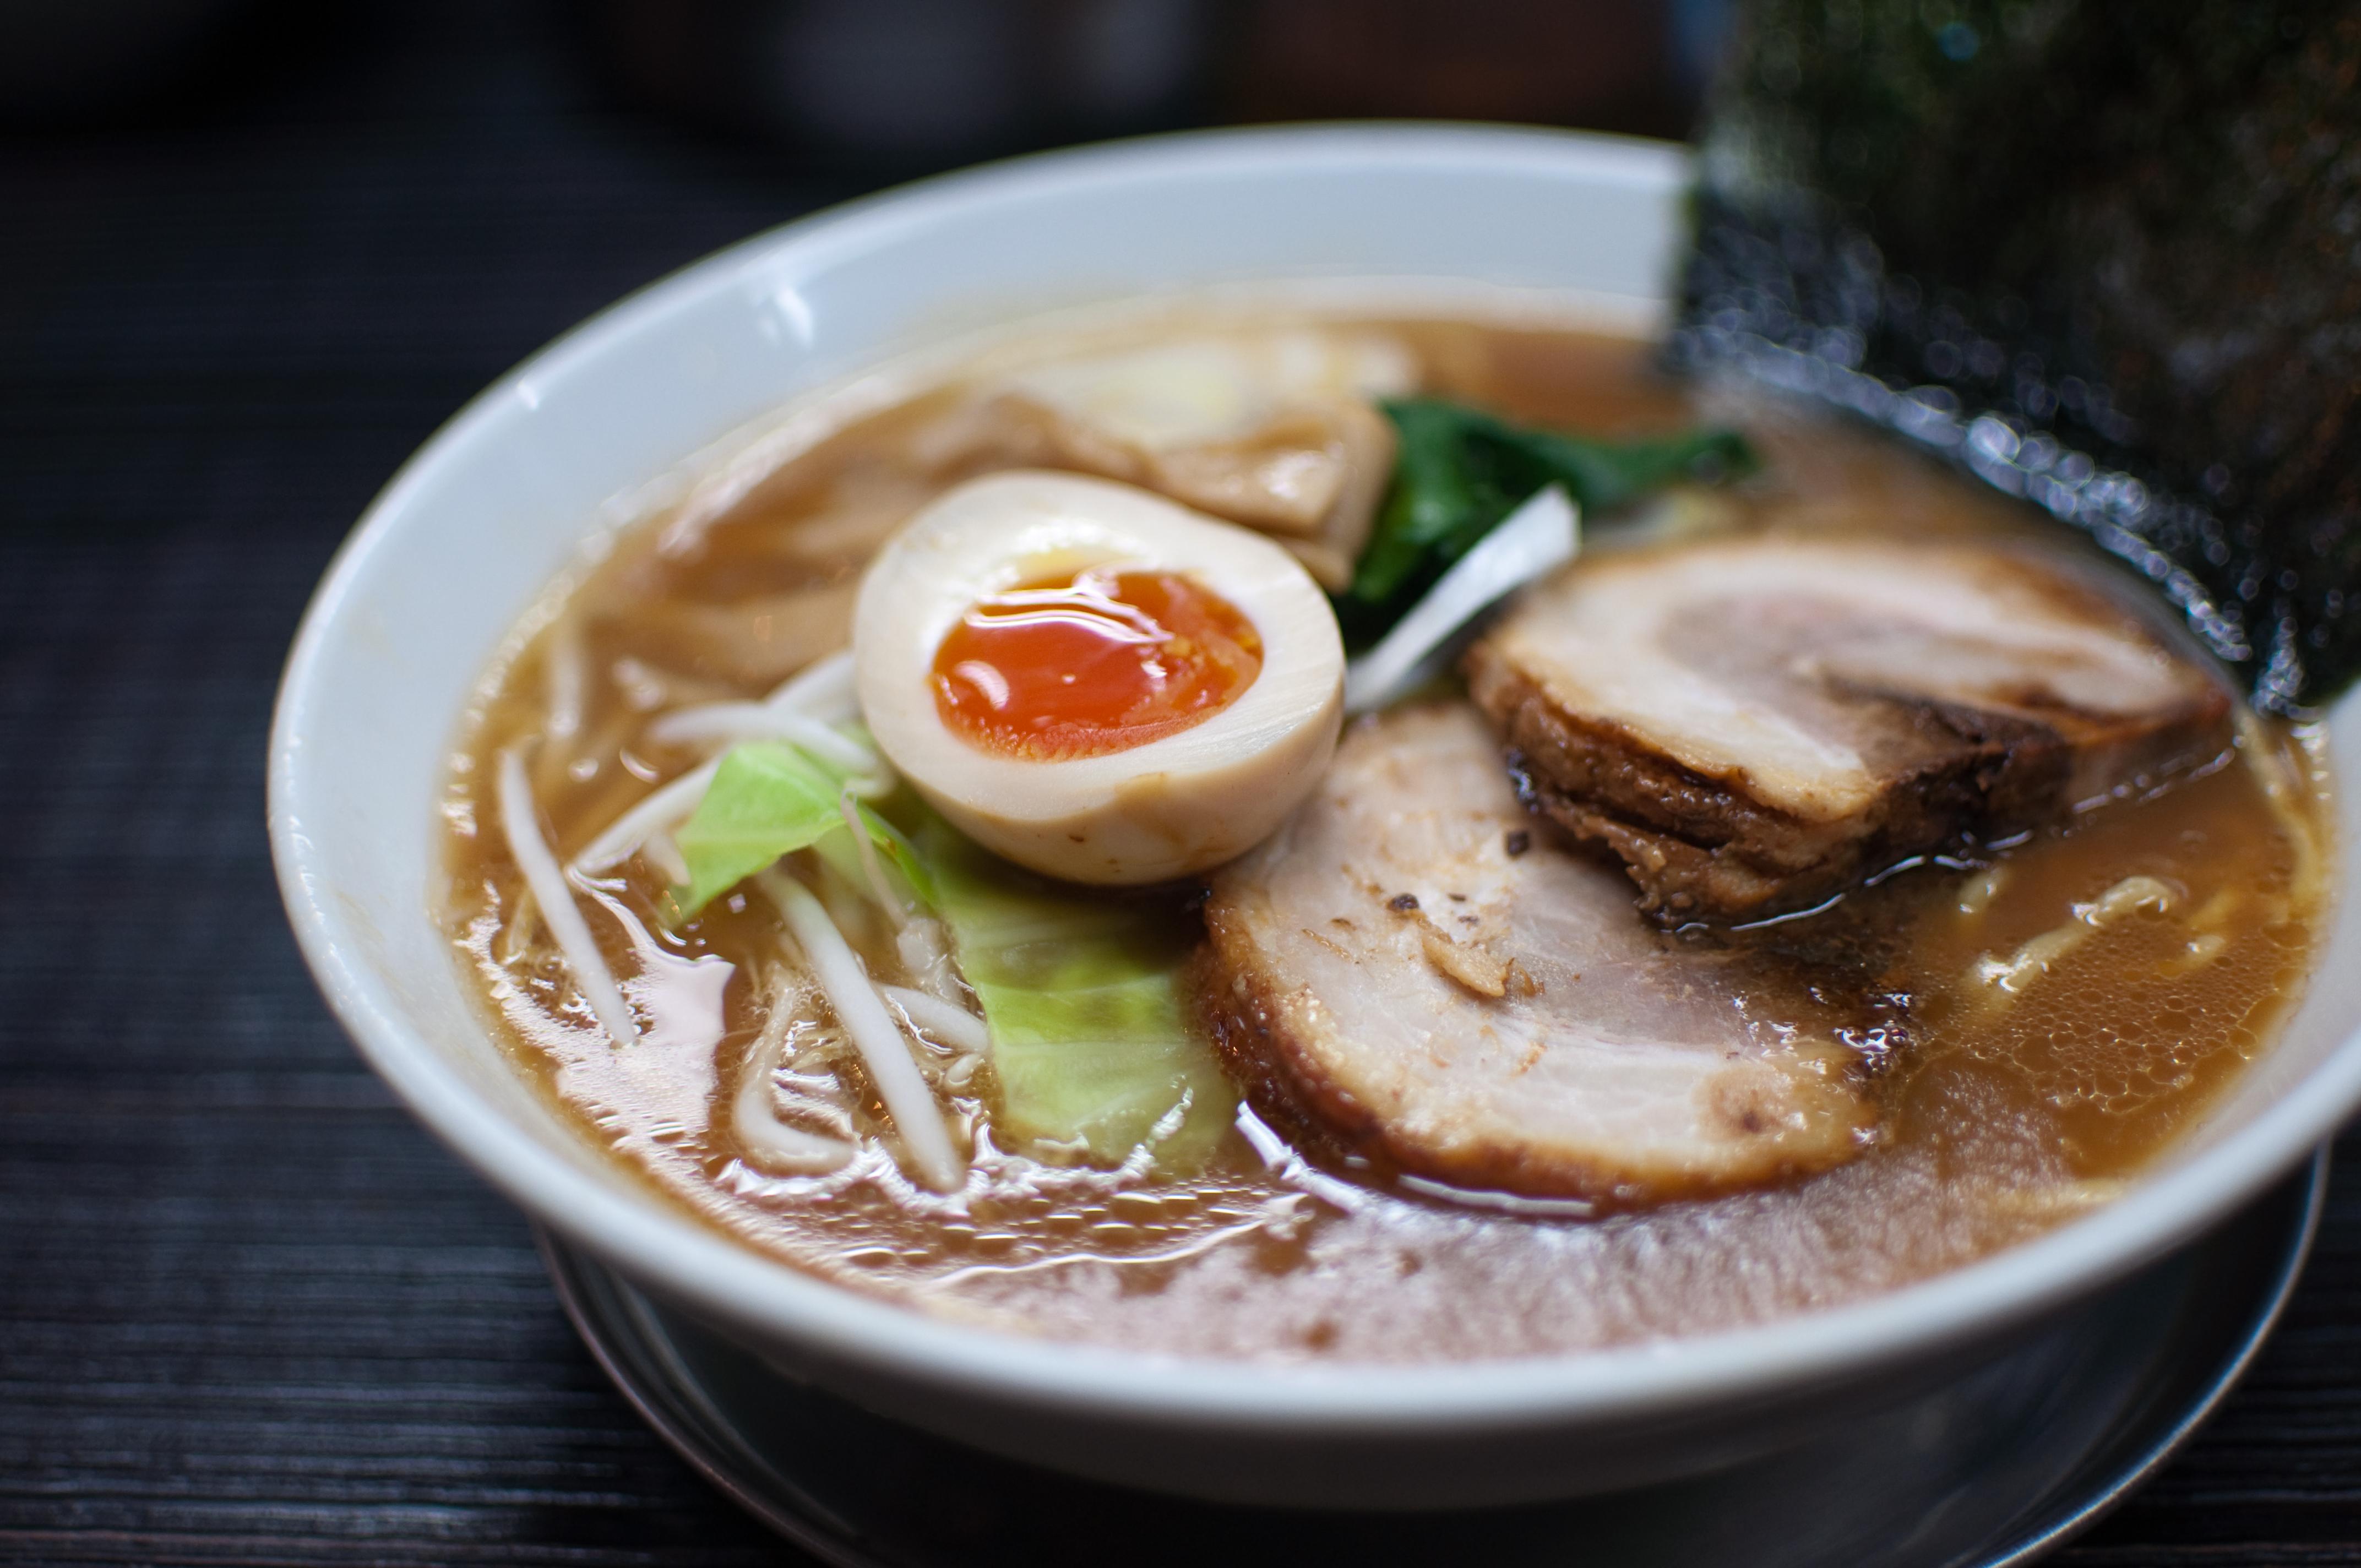 松阪のラーメン&つけ麺おすすめランキング!深夜でも人気の店など!